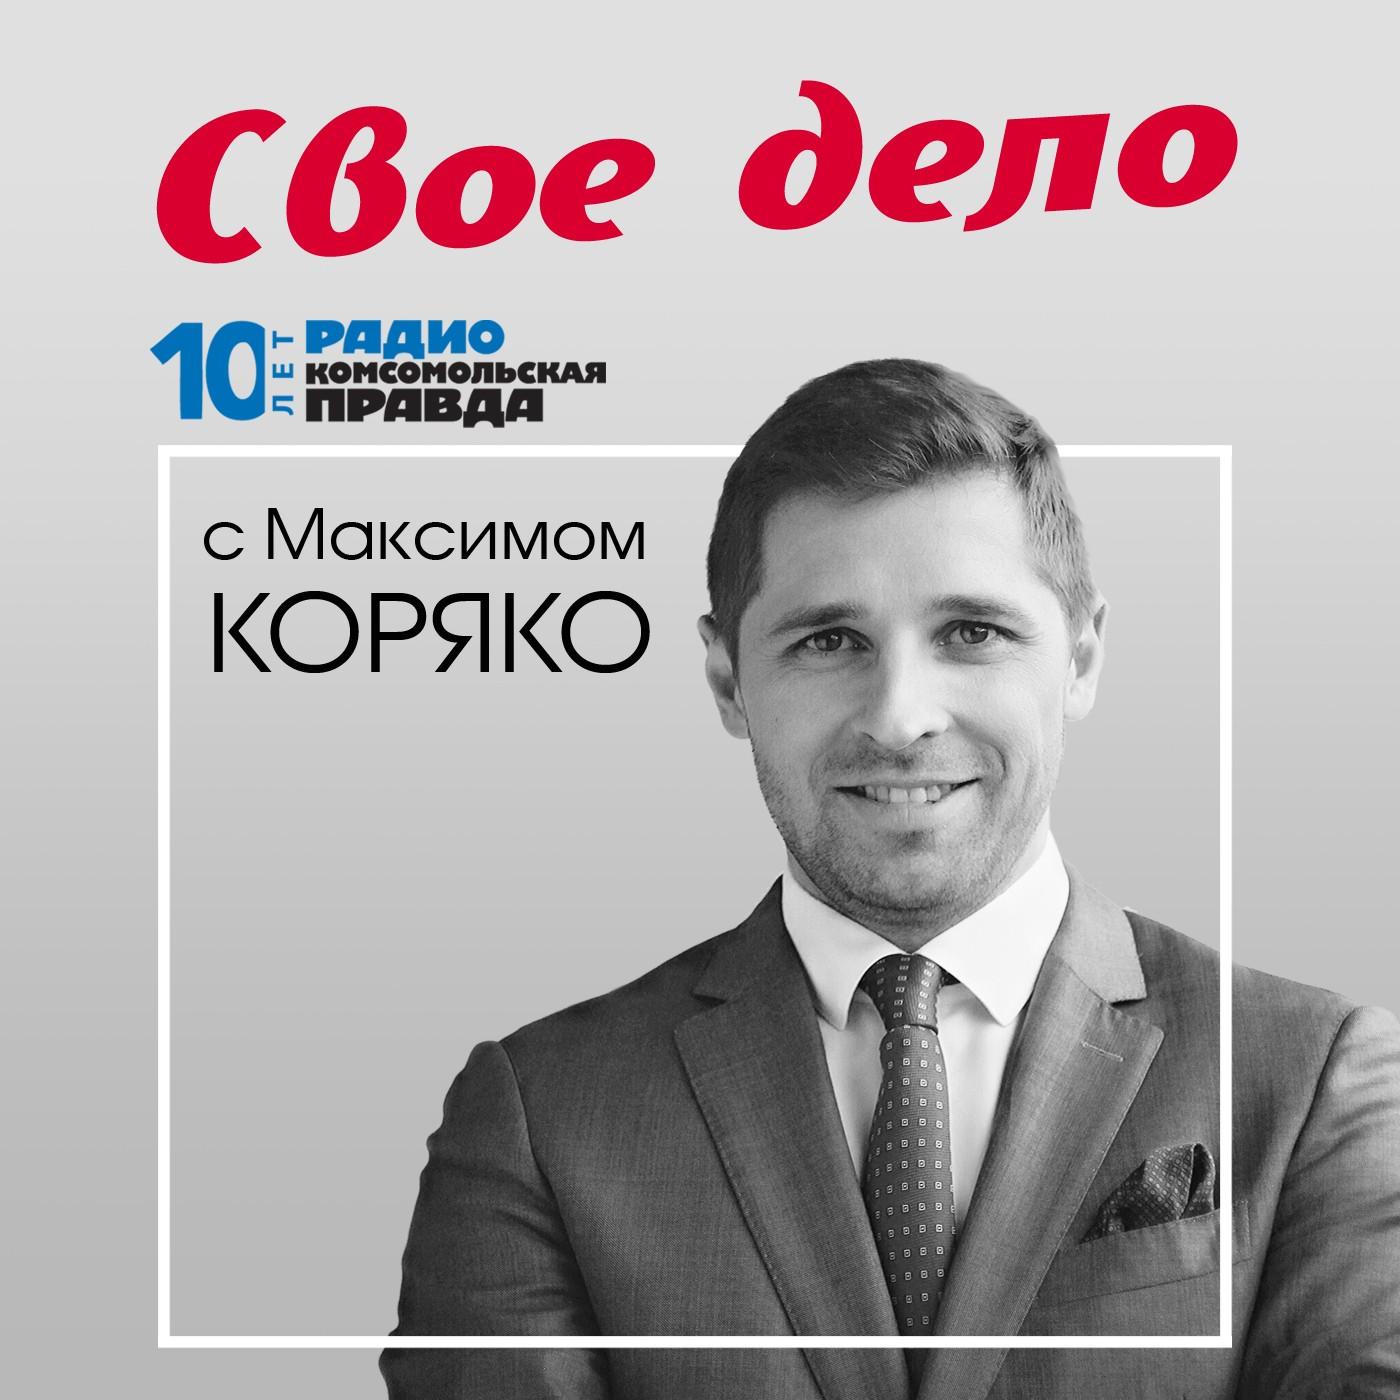 Чем удивил Владимирский форум по малому и среднему предпринимательству